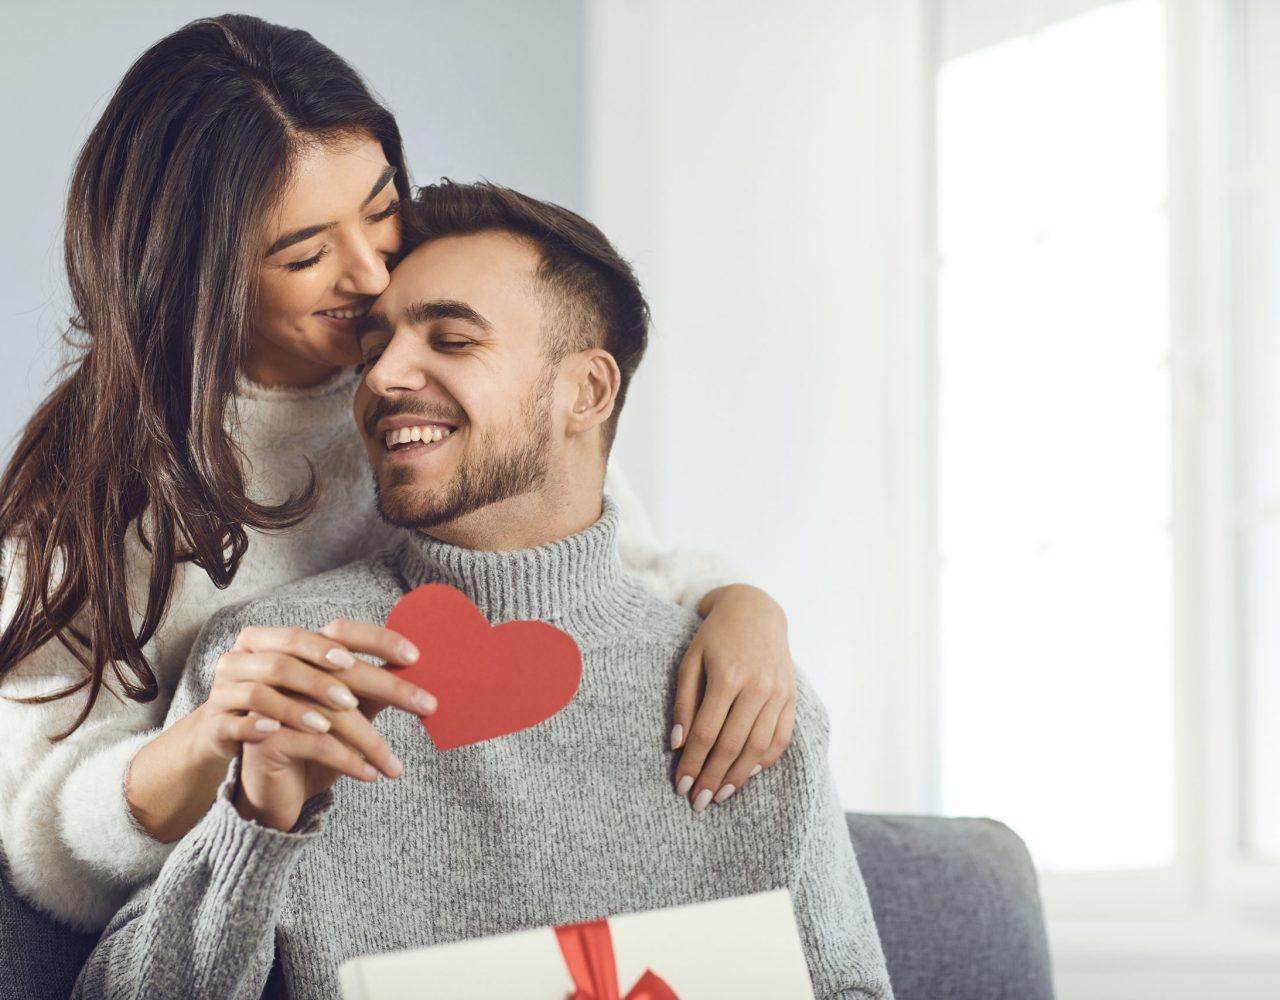 L'oroscopo di San Valentino per foodlovers